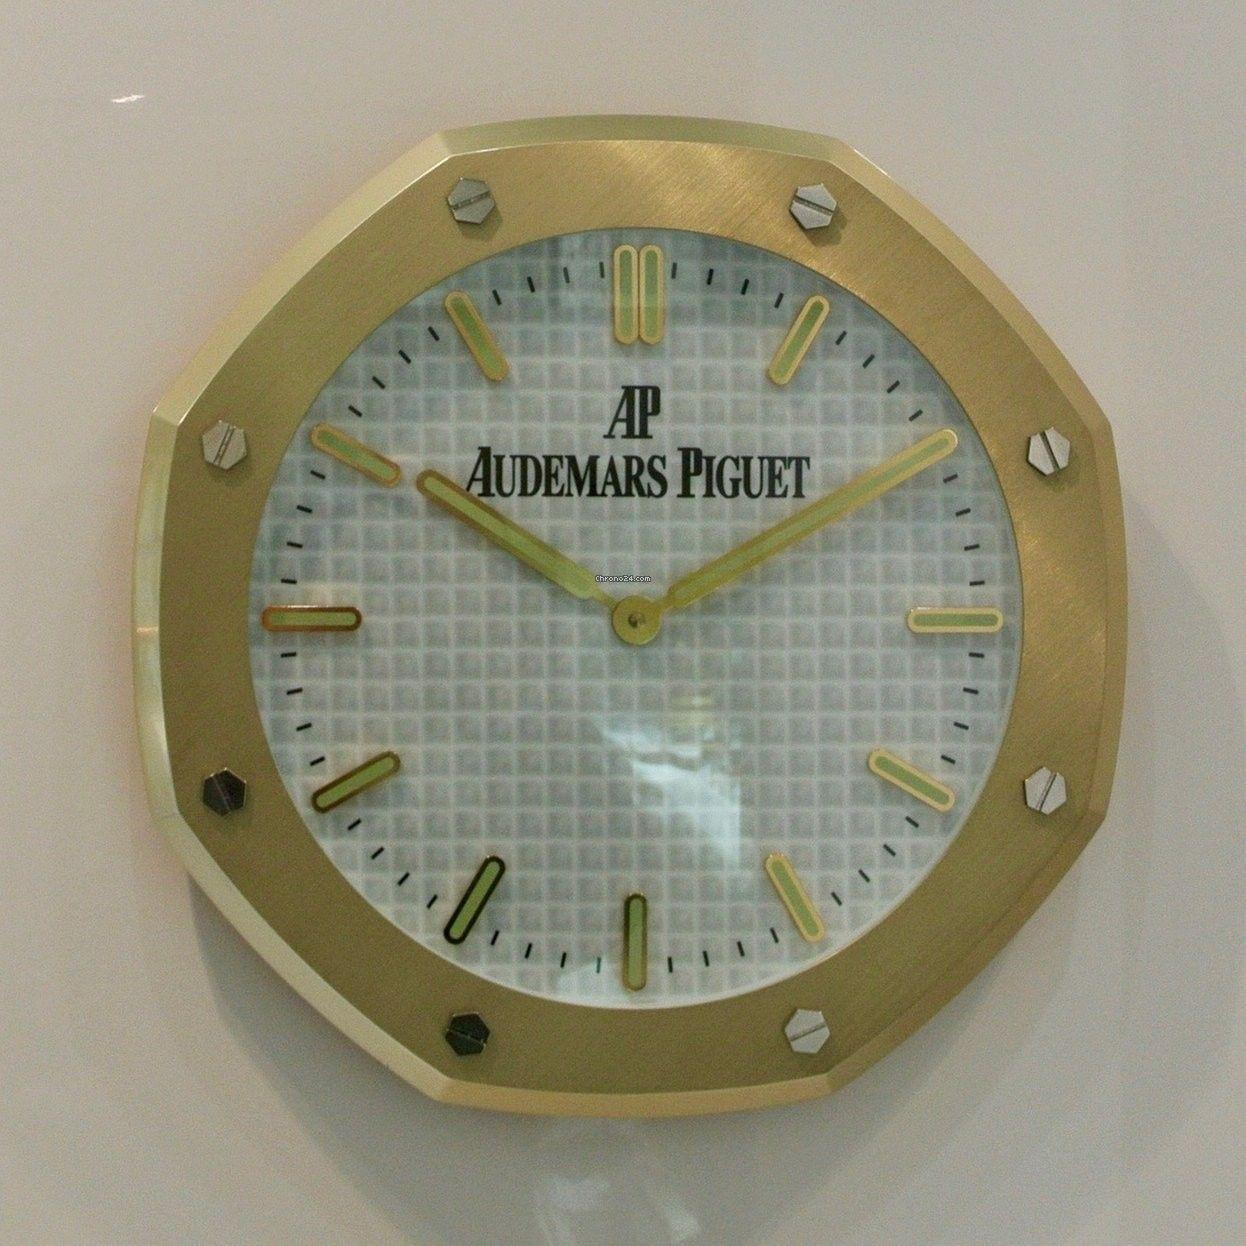 Audemars Piguet Original Wall Clock Big Model Plated Yellow Gold